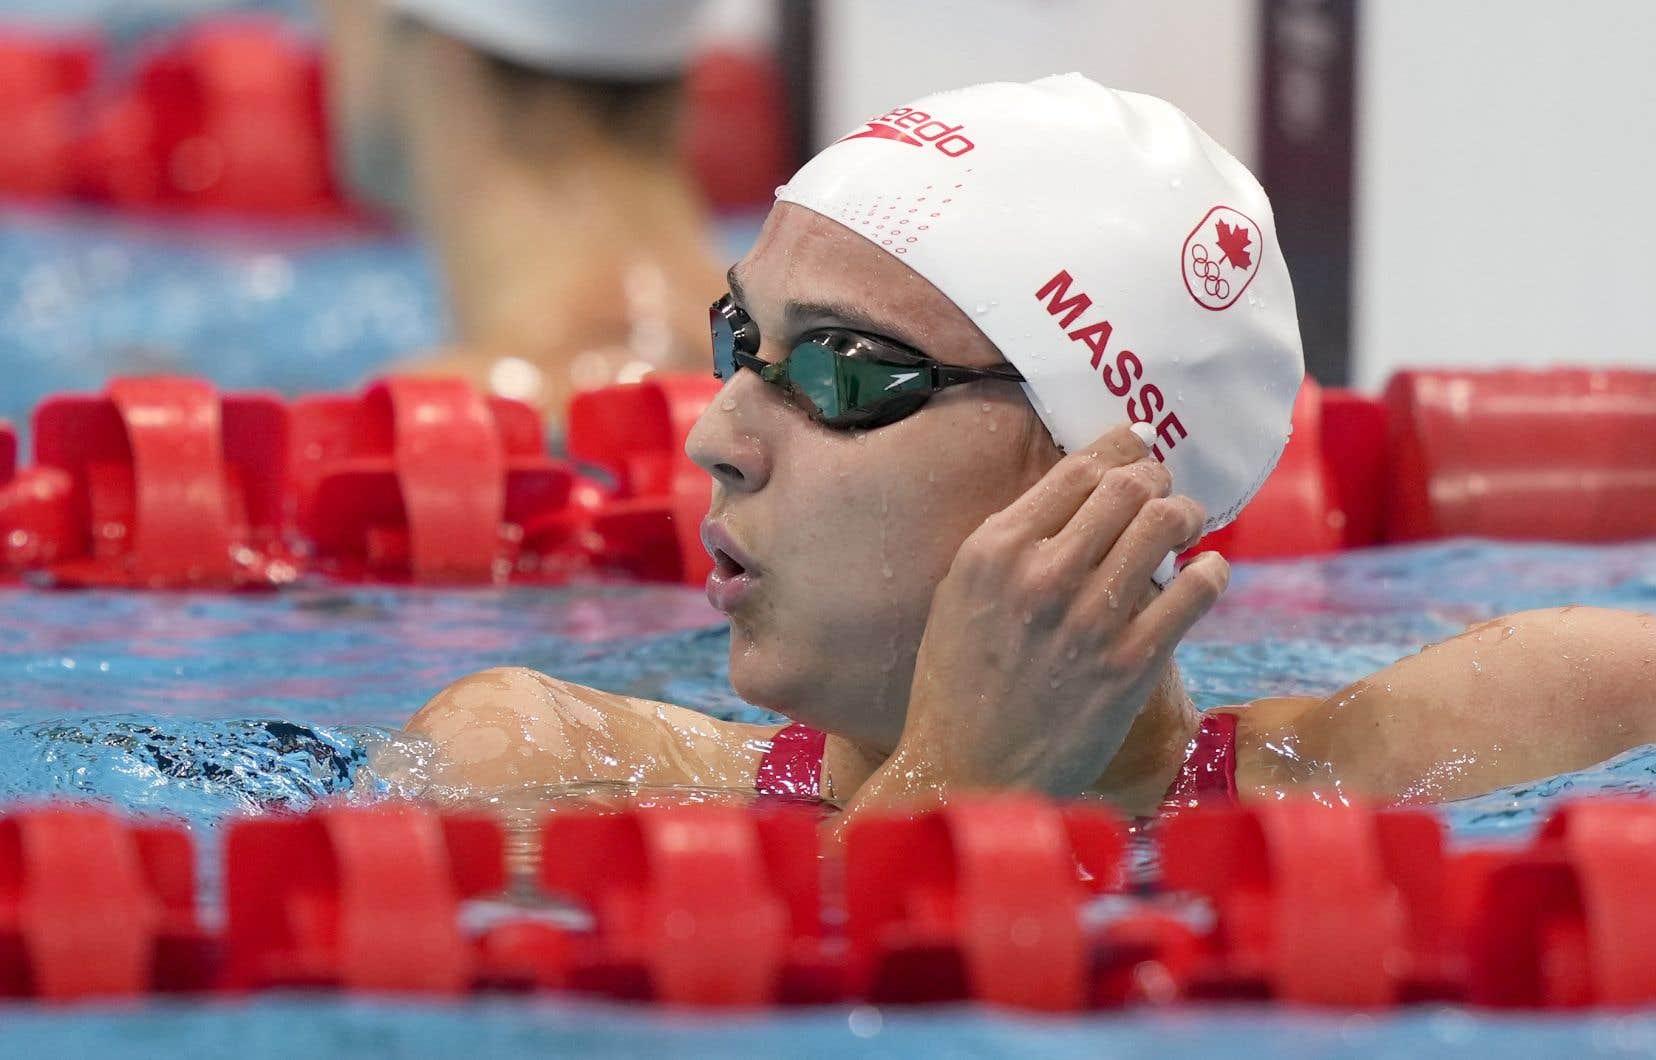 La nageuse canadienne Kylie Masse a remporté l'argent avec un temps de 57,72 secondes.